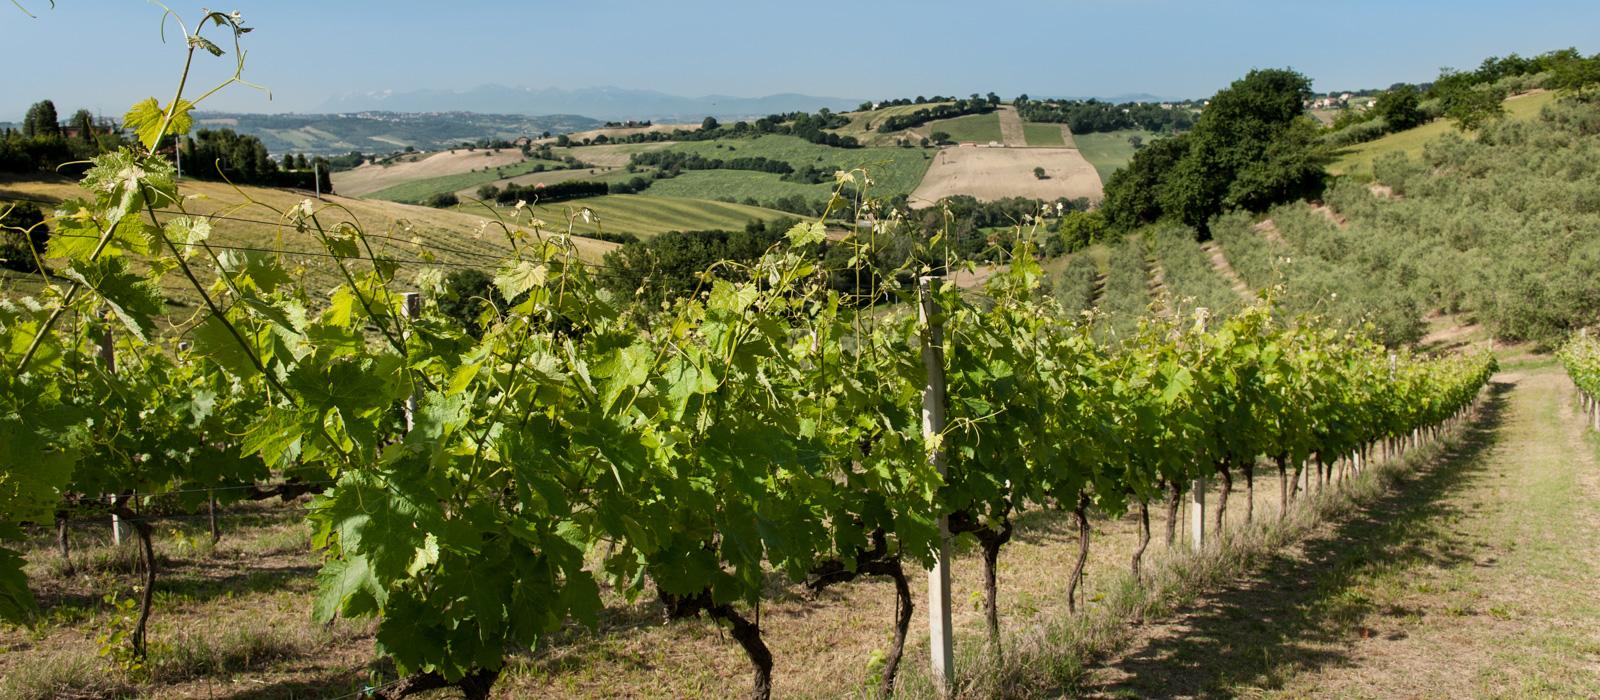 vigne-marche-vini-accattoli